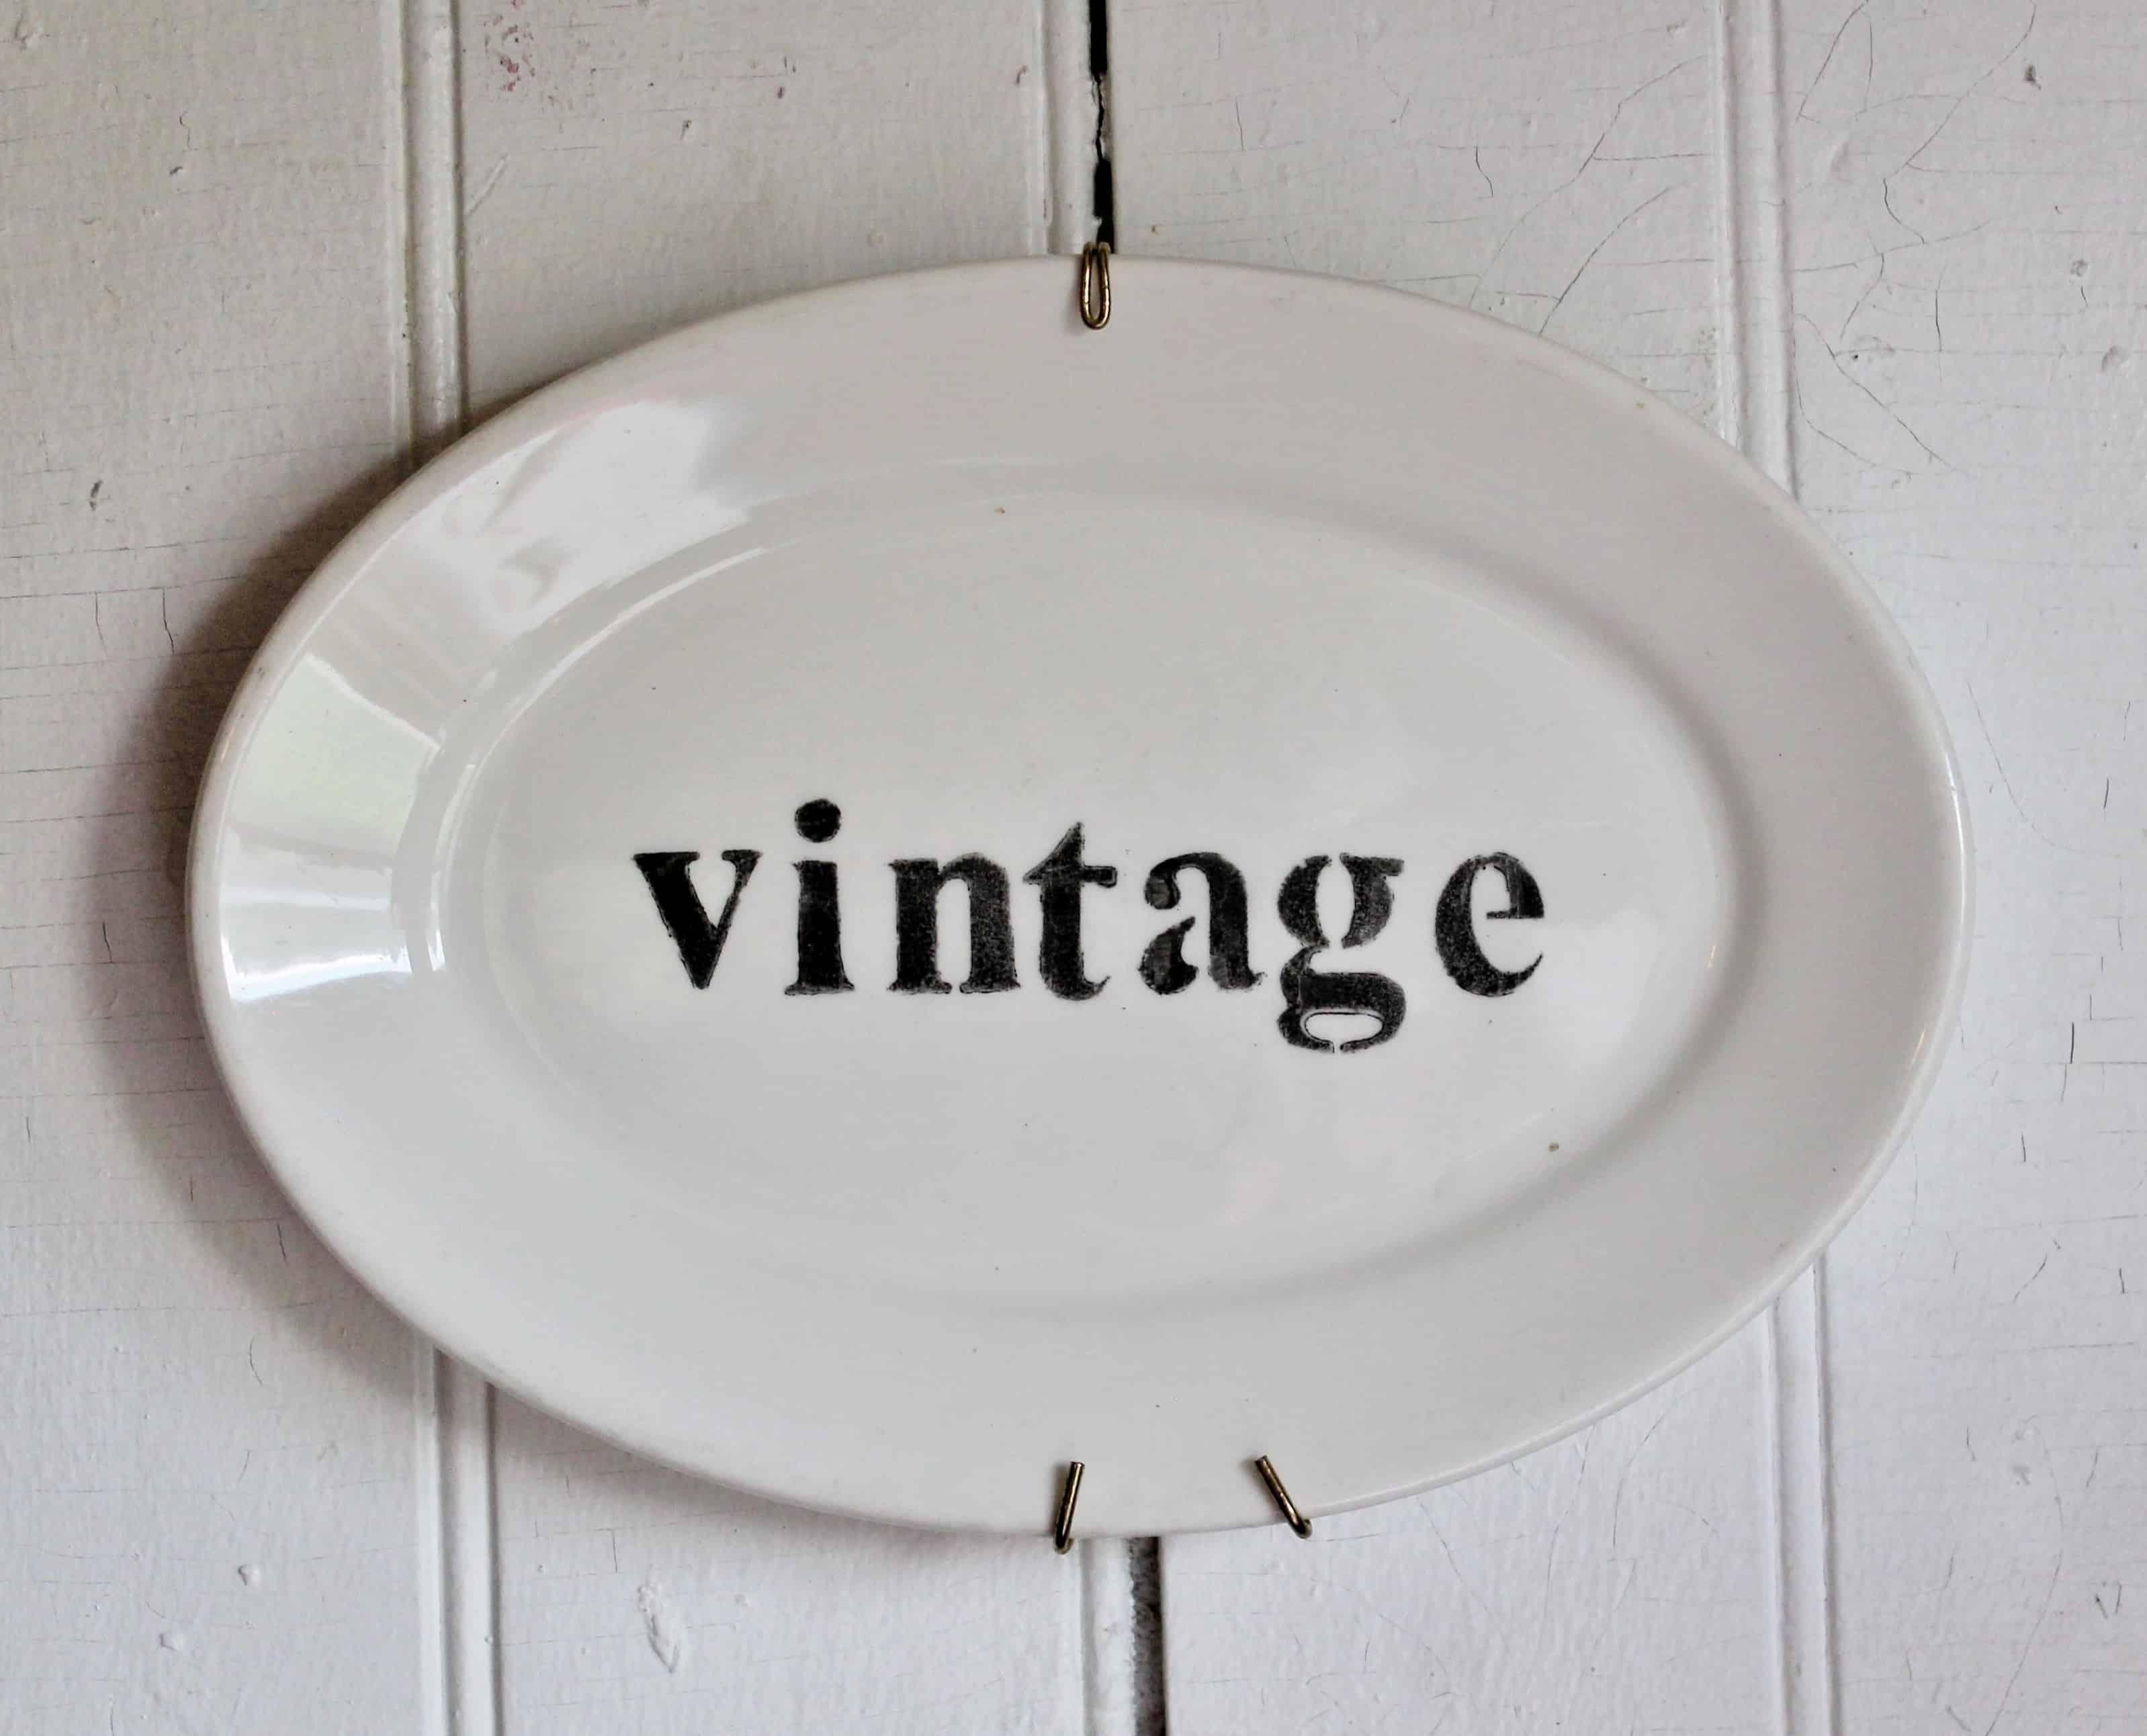 Vintage sign on vintage platter (2)